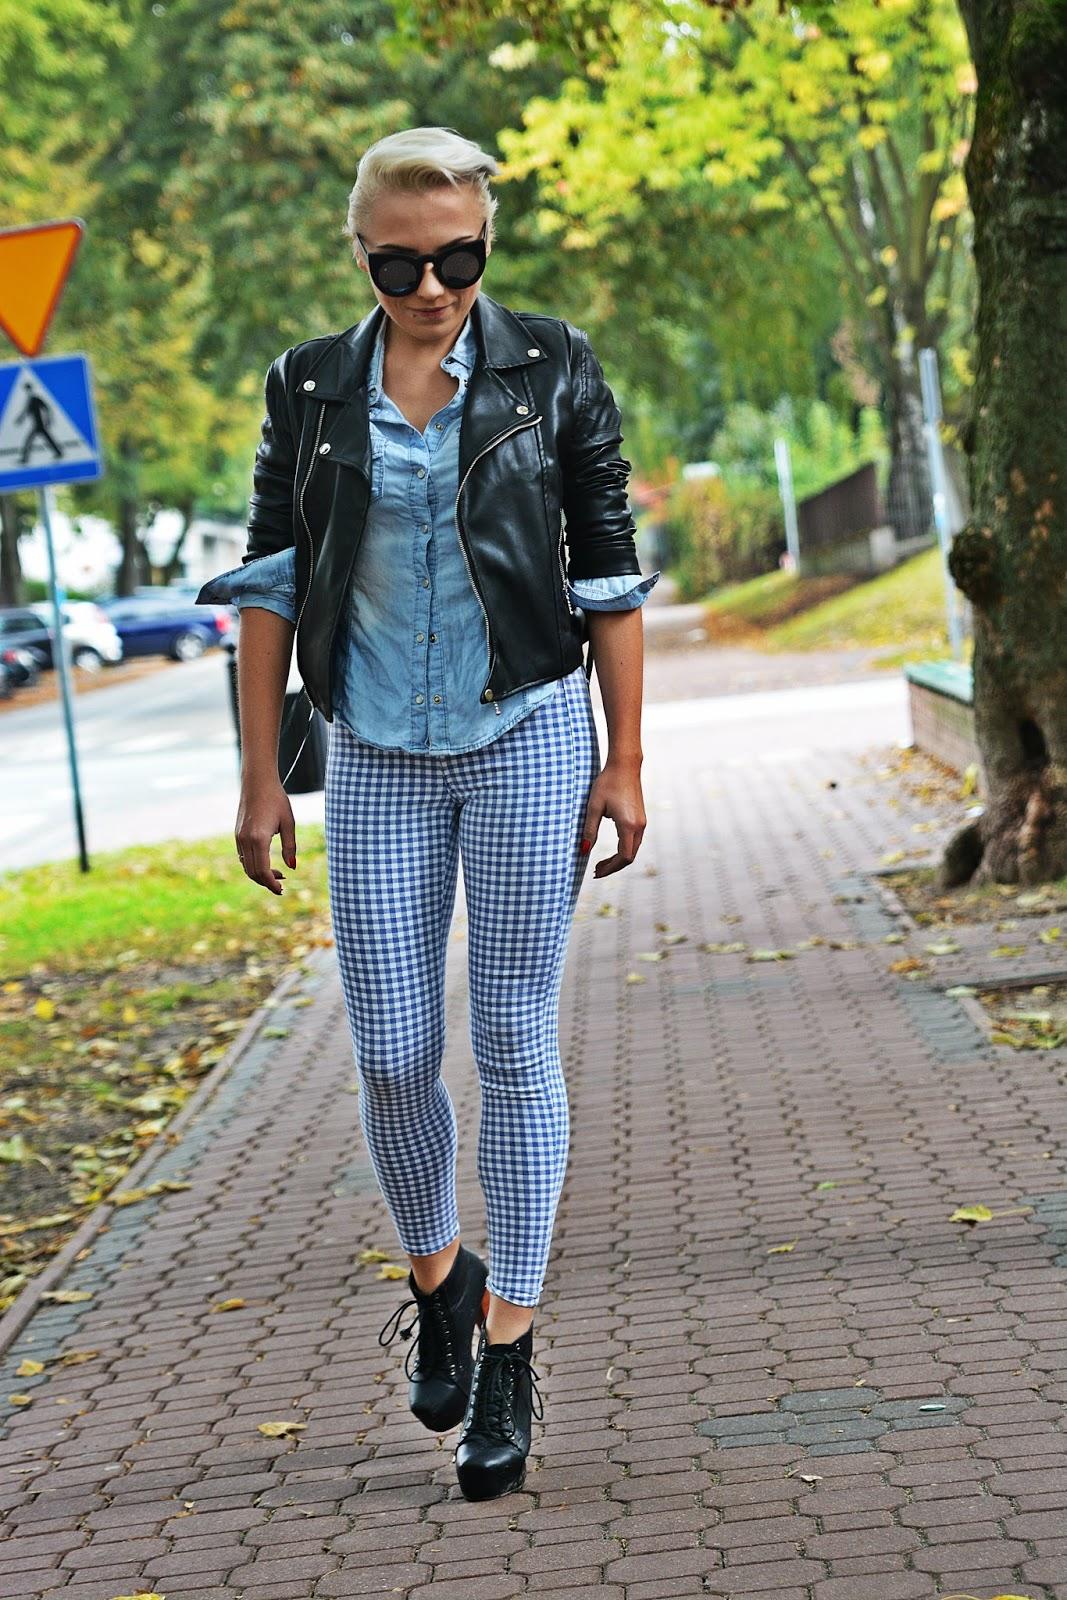 niebieskie_spodnie_ramoneska_czarna_kocie_okulary_12